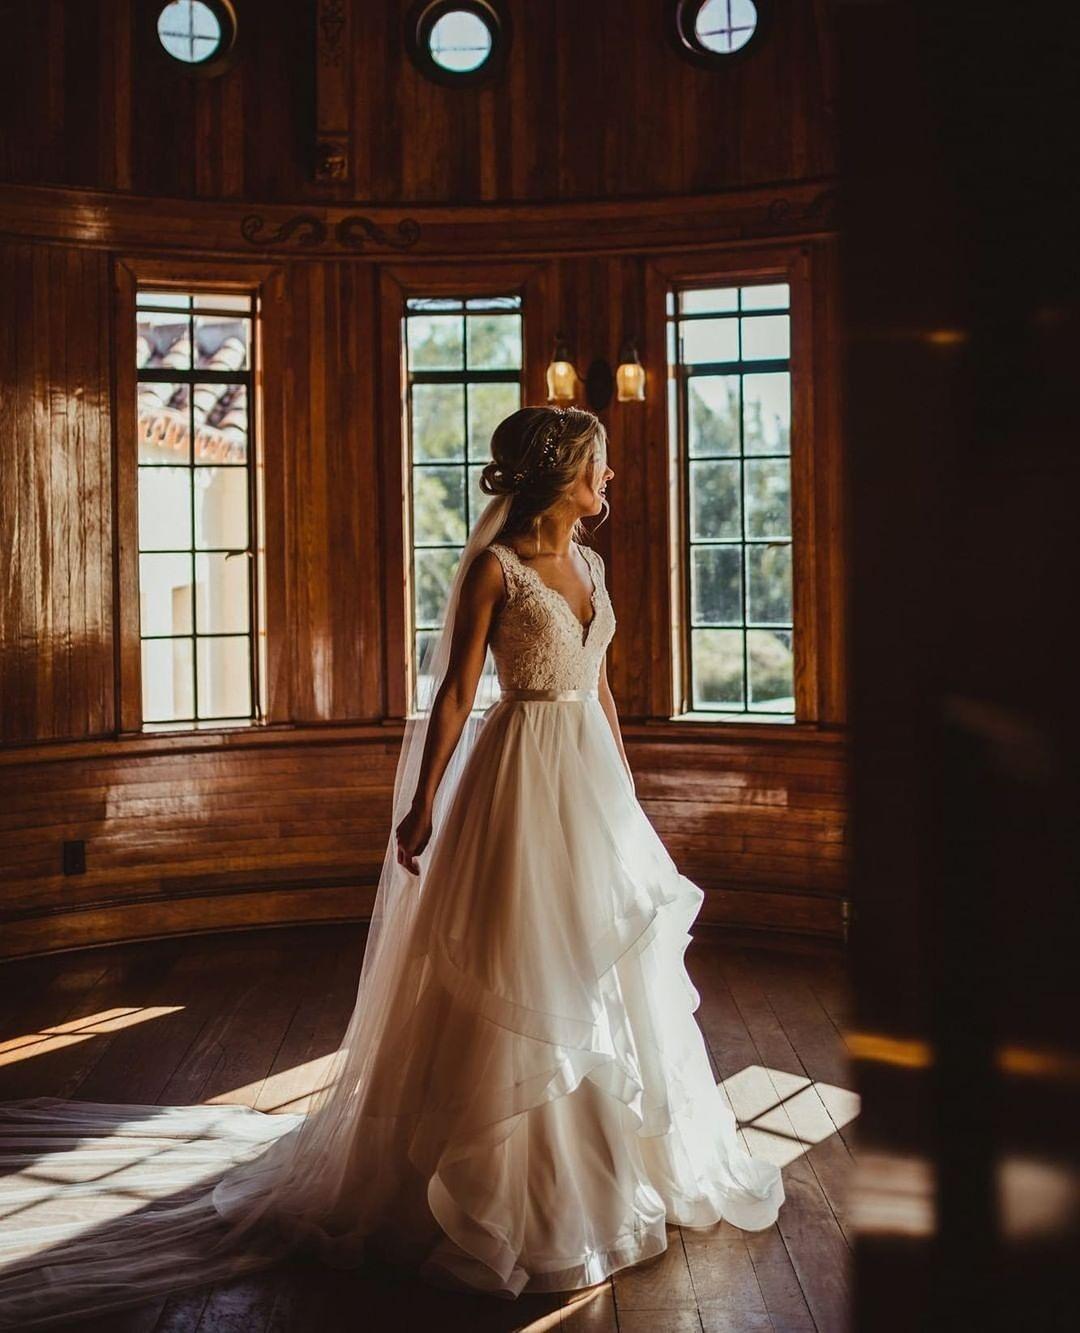 Вечные ценности: 10 трендов свадебной моды 2021 года-Фото 11